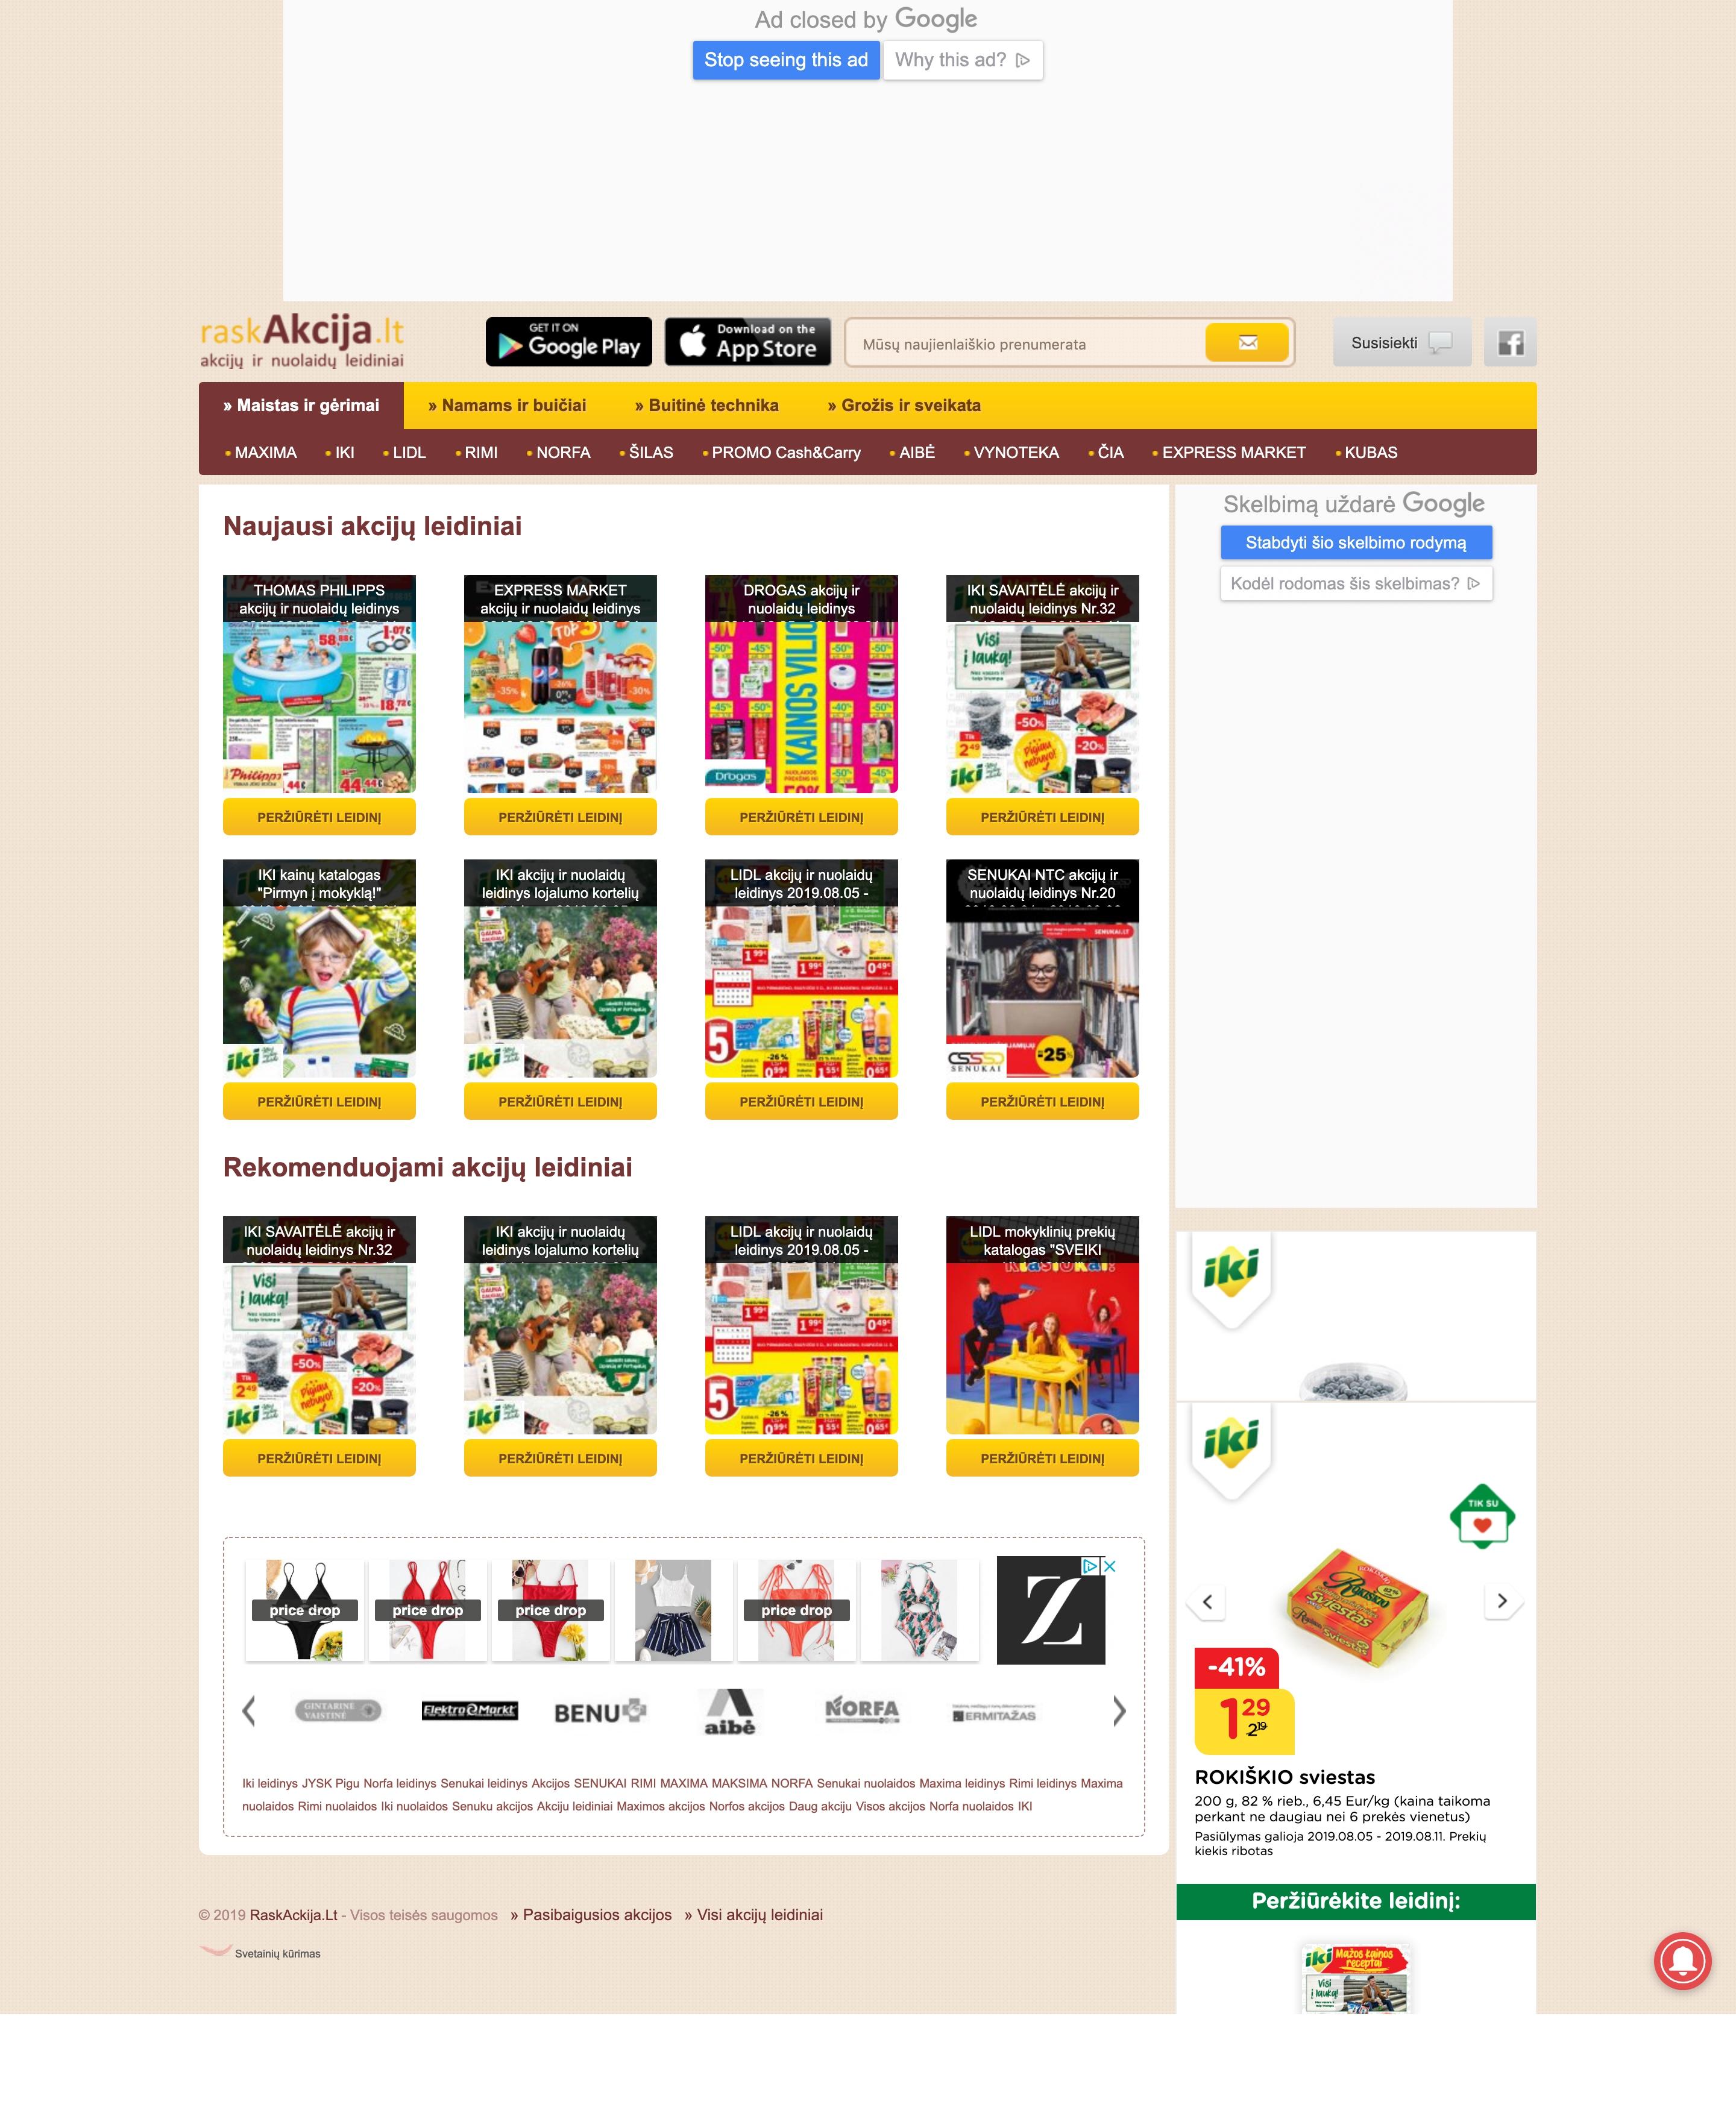 RaskAkcija/Interneto portalas